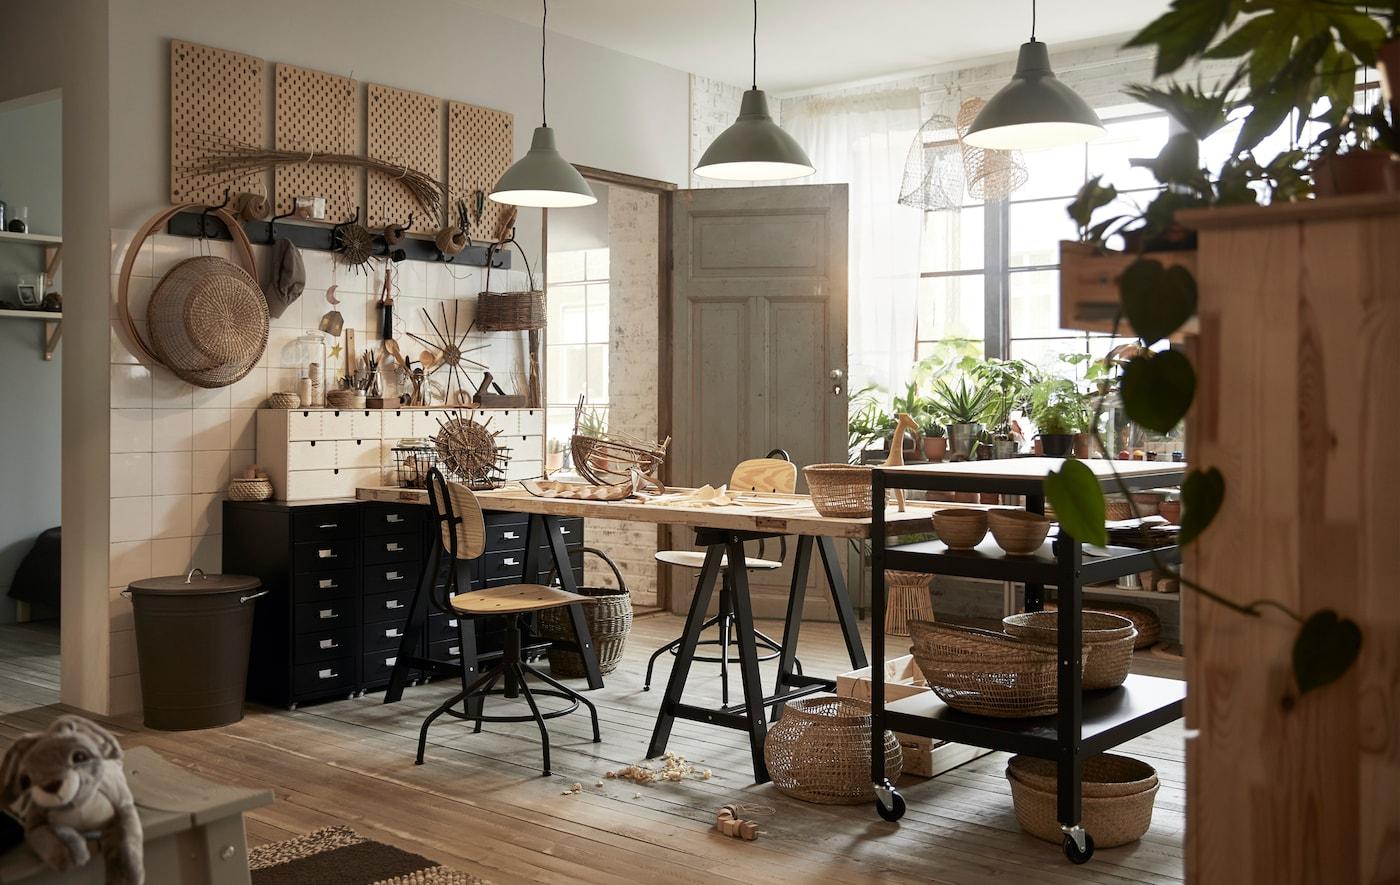 Crea un angolo di lavoro dall'ispirazione industriale con sedie in legno e metallo, come KULLABERG, la confortevole sedia da ufficio di IKEA.